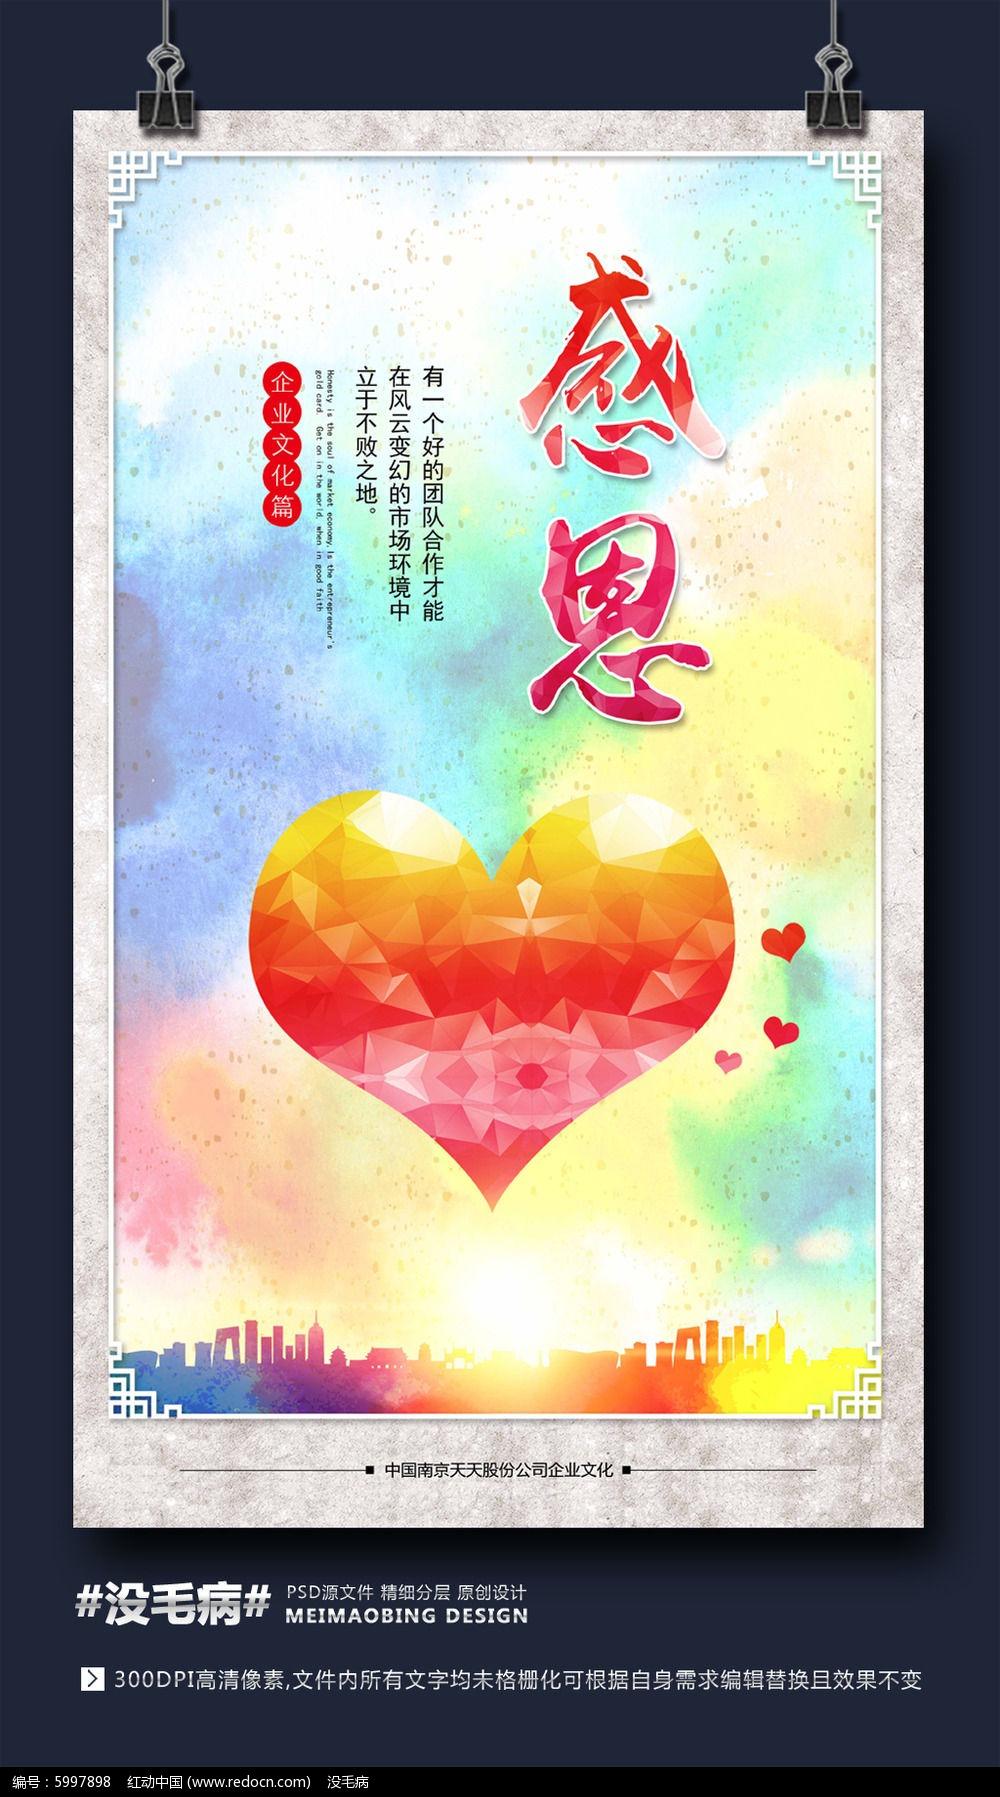 企业风展板水彩感恩文化视频猫章丘图片